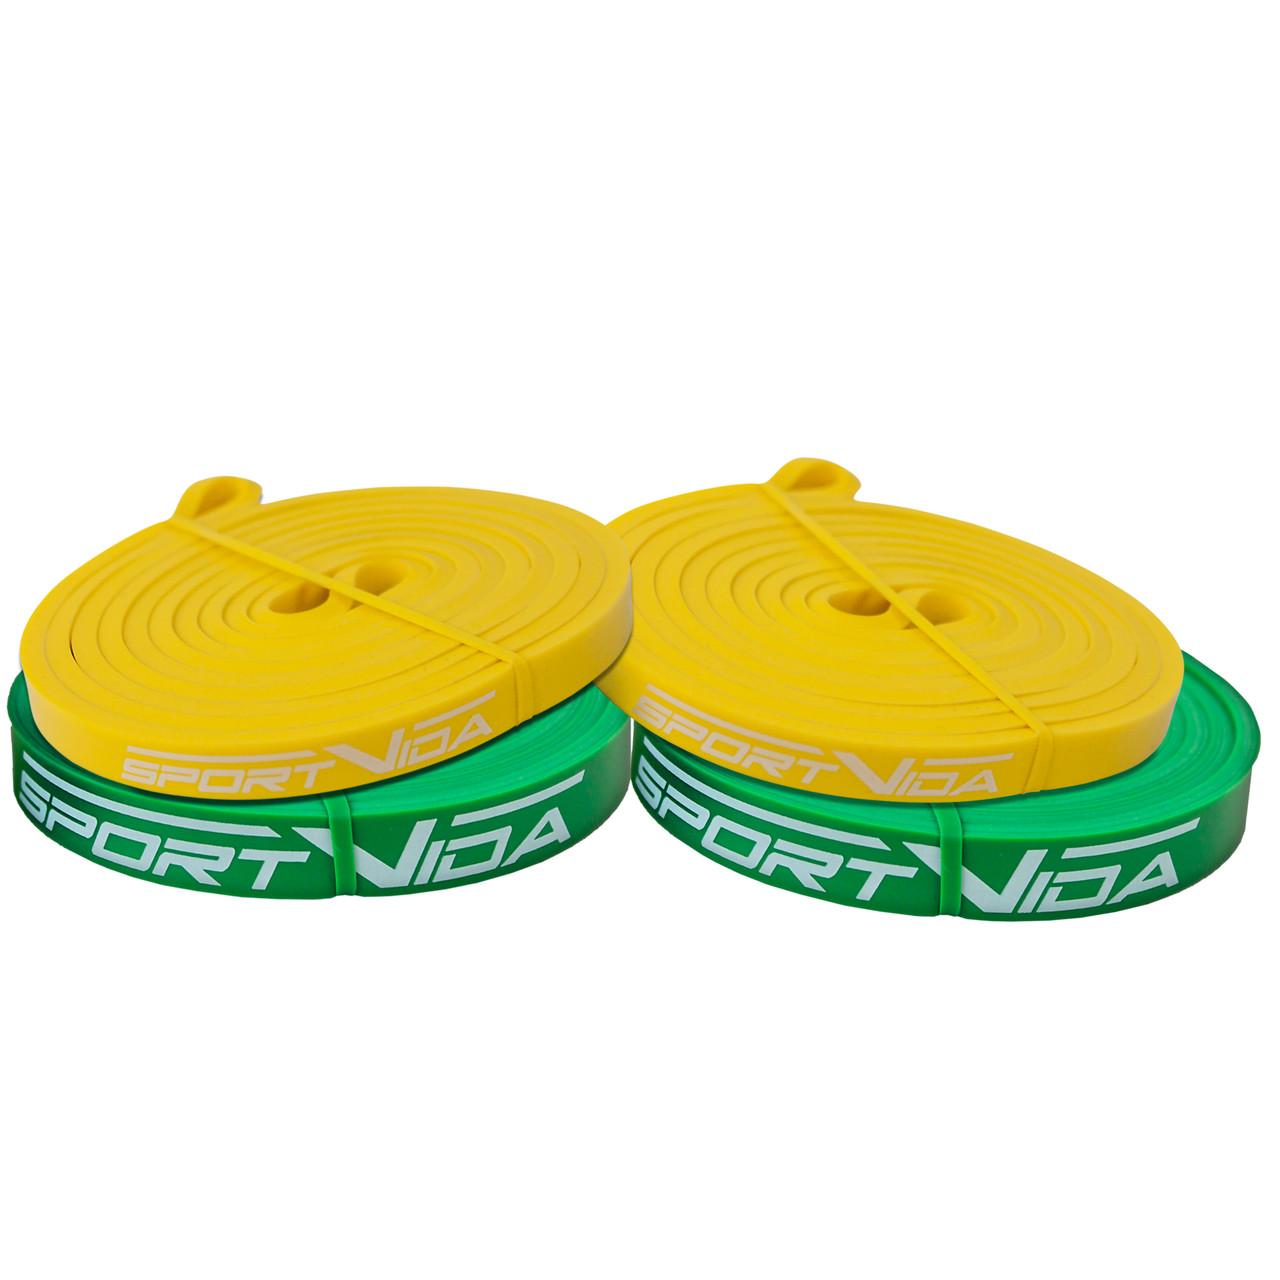 Эспандер-ленточный (резинка для фитнеса и спорта) SportVida Power Band 4 шт 0-12 кг SV-HK004-34